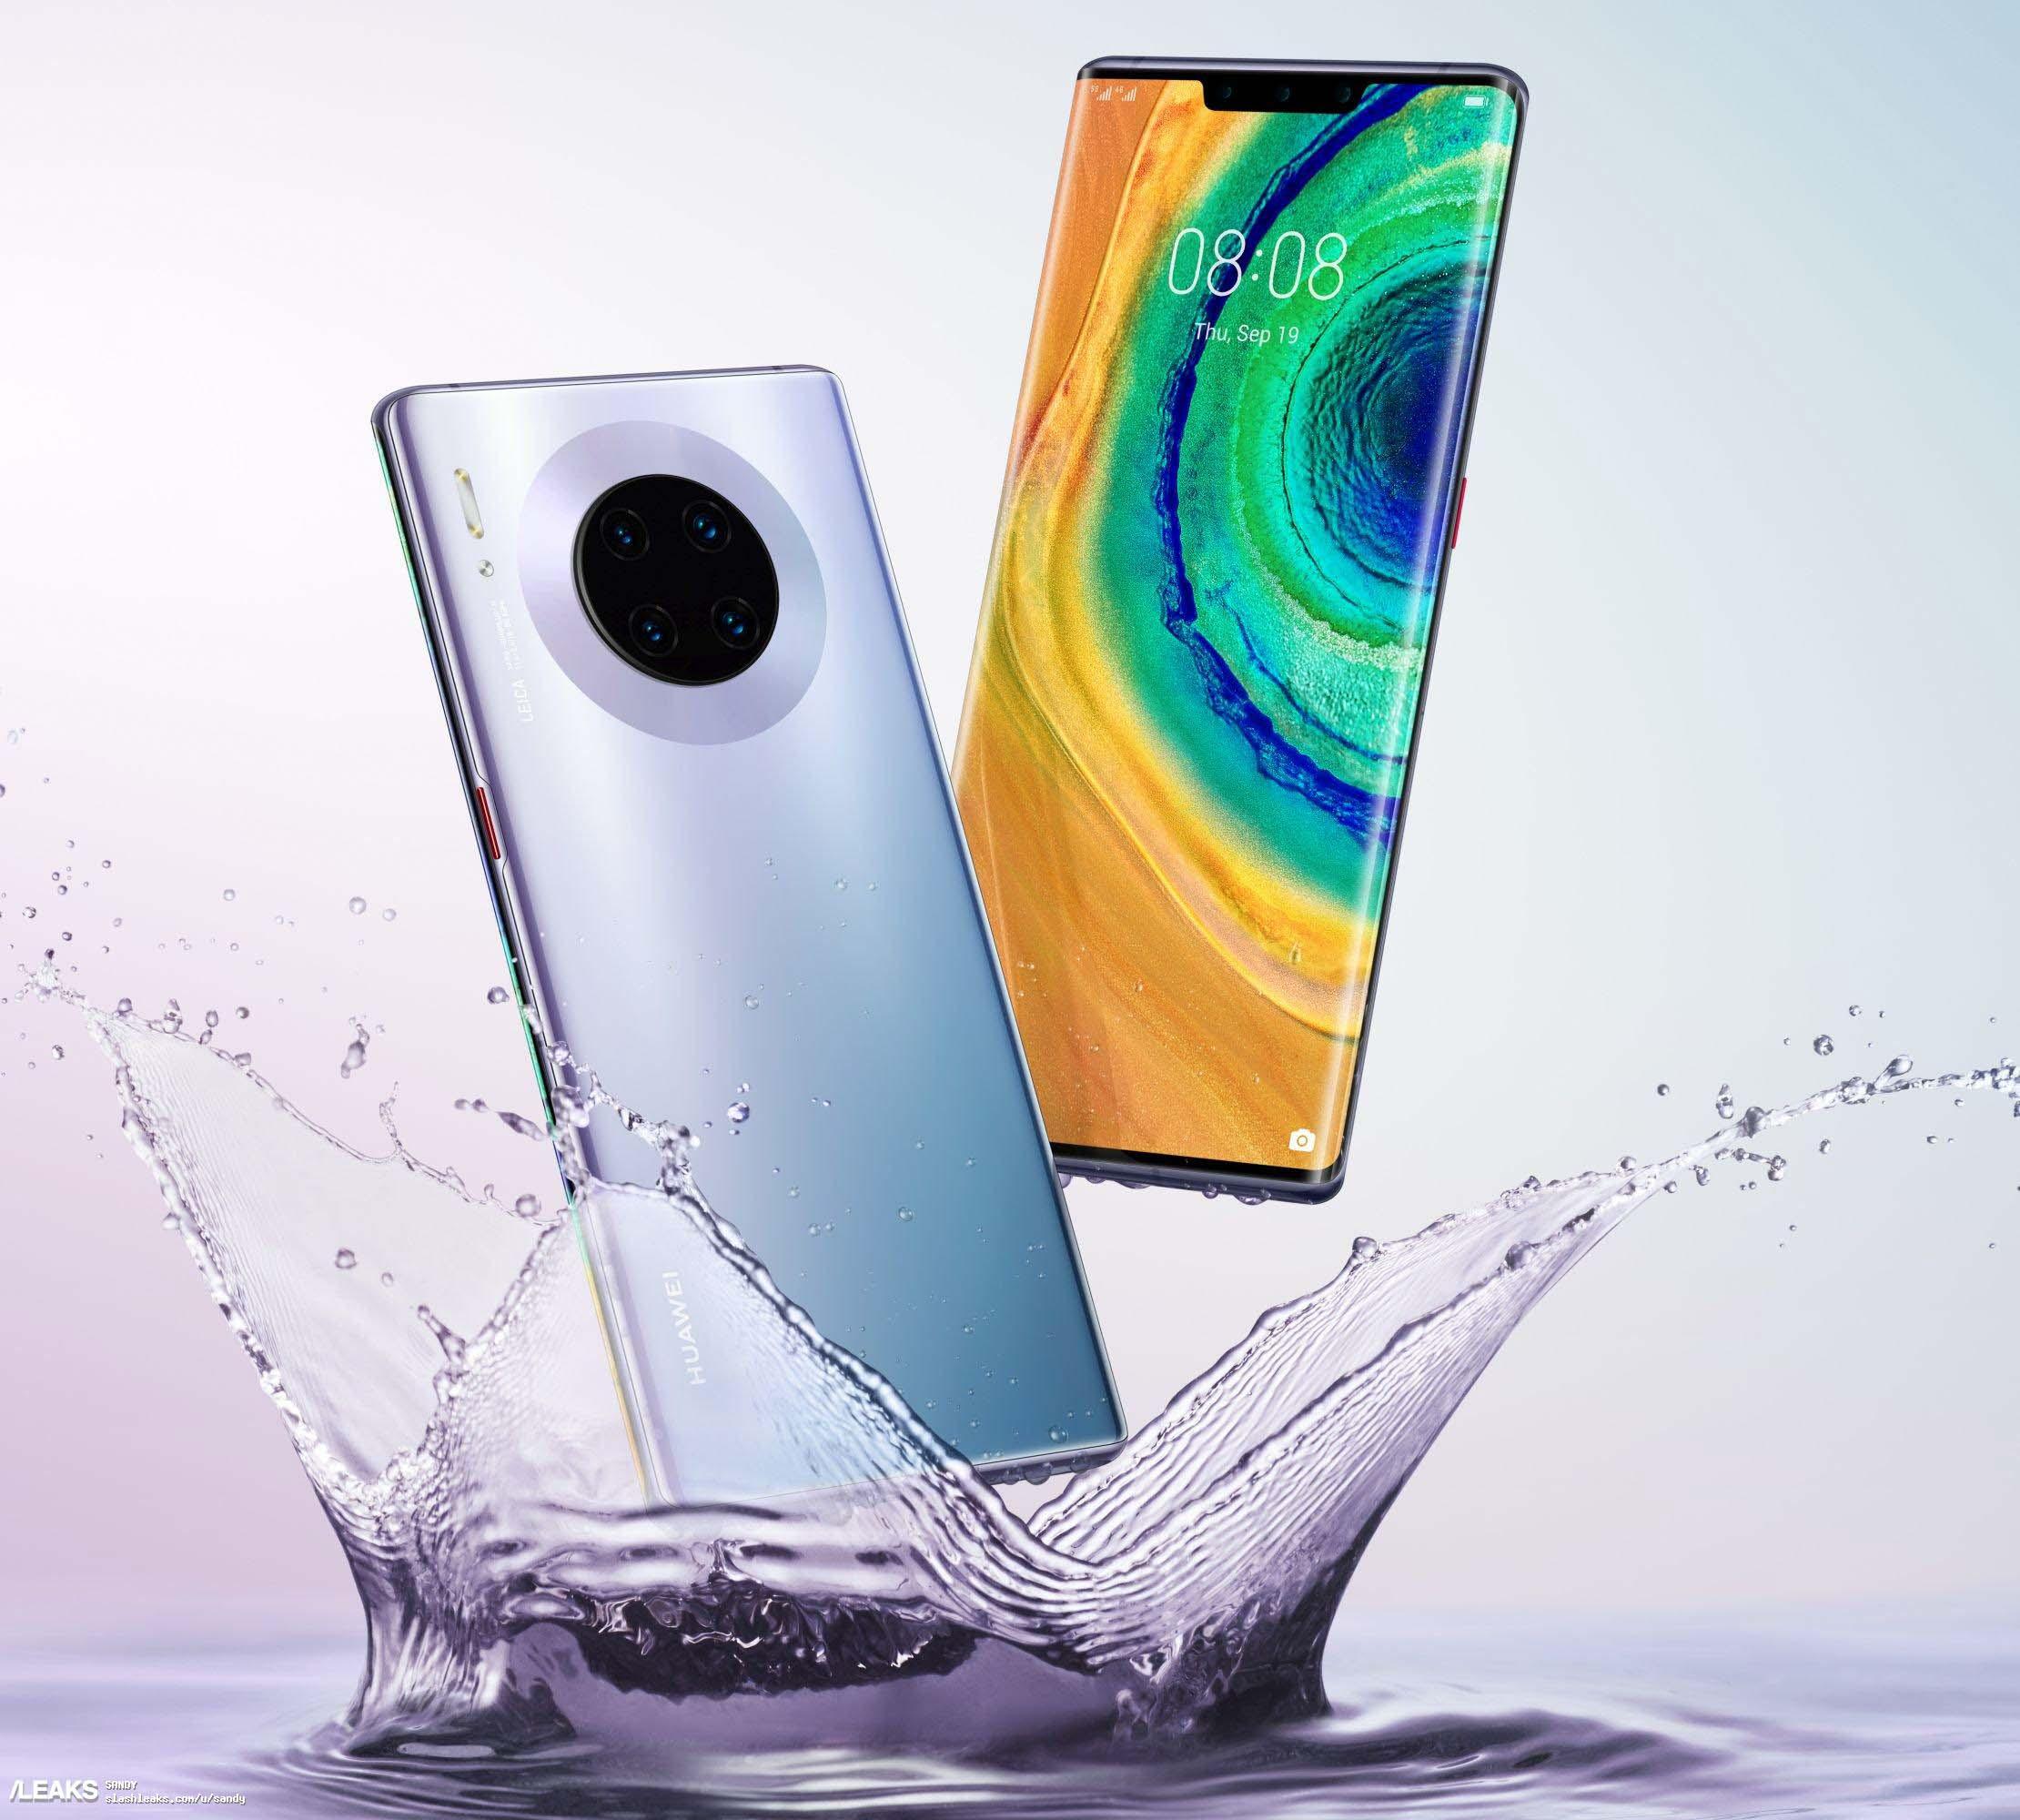 Вбивця всіх. У мережі з'явилися перші світлини нових смартфонів Huawei Mate 30  (ФОТО)